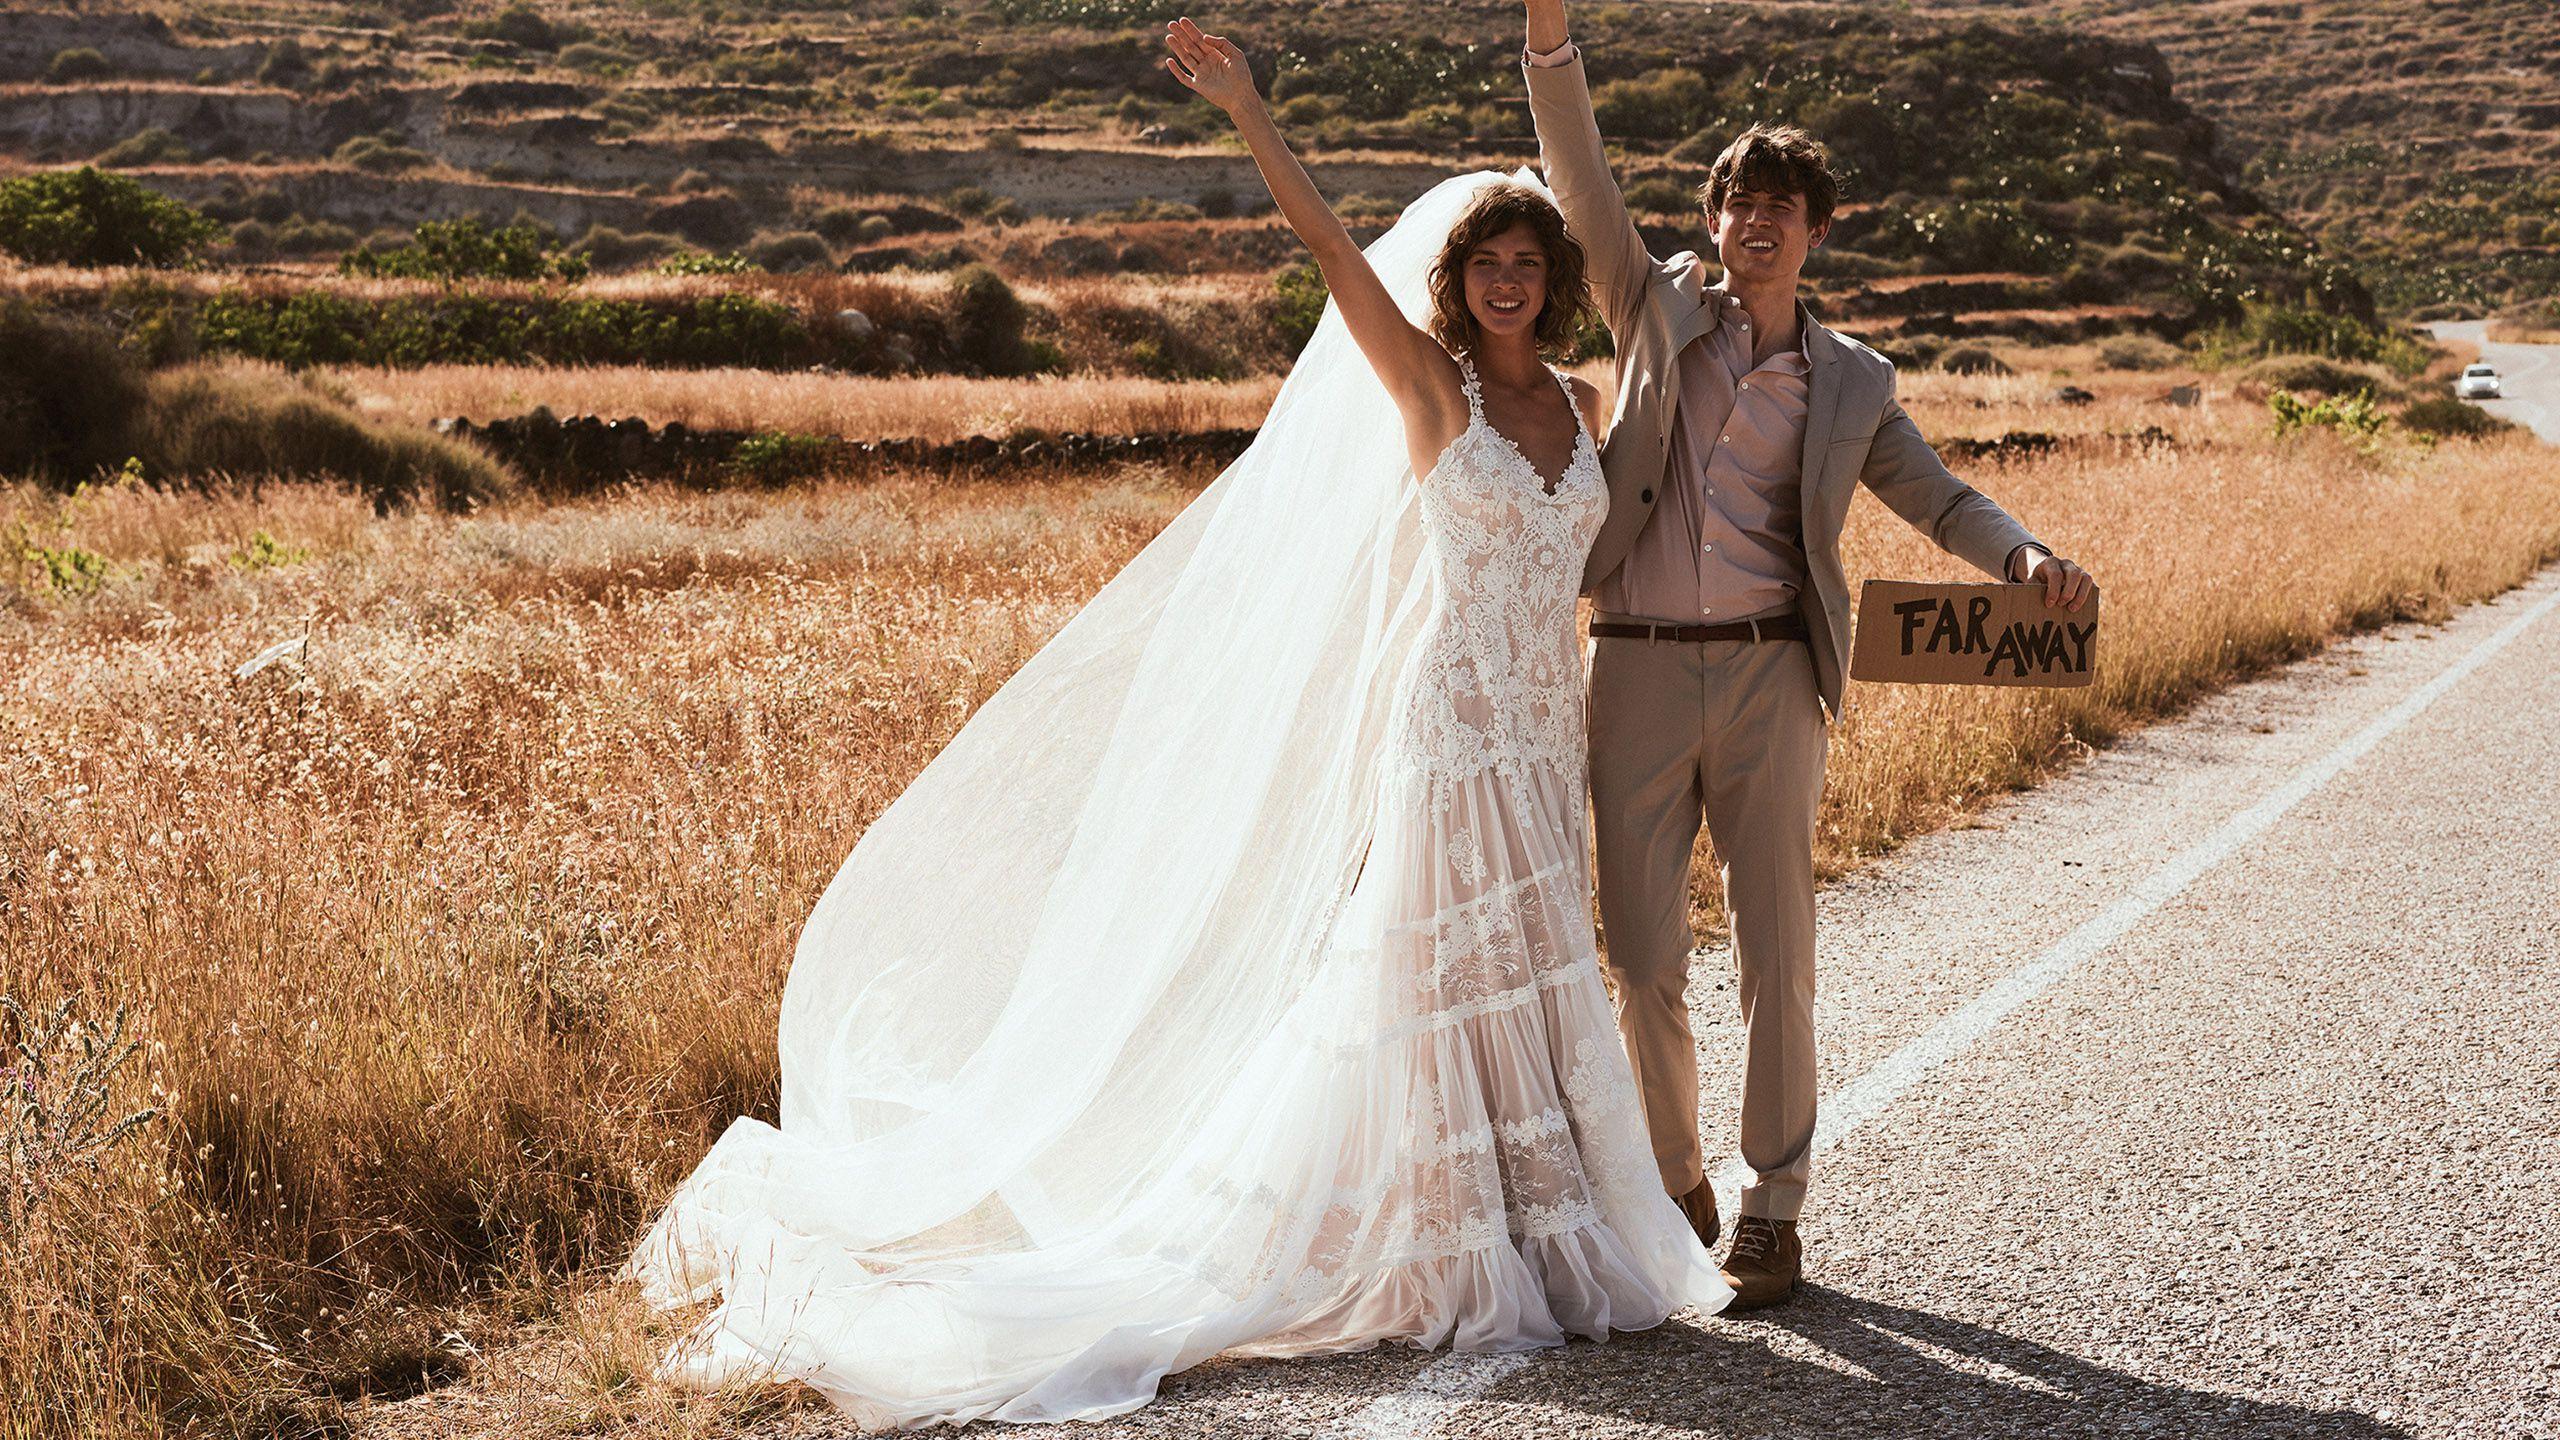 - Модель 6491: Платье из кружева шантильи и шифона с многоярусной юбкой и скрещенными на спине бретелями